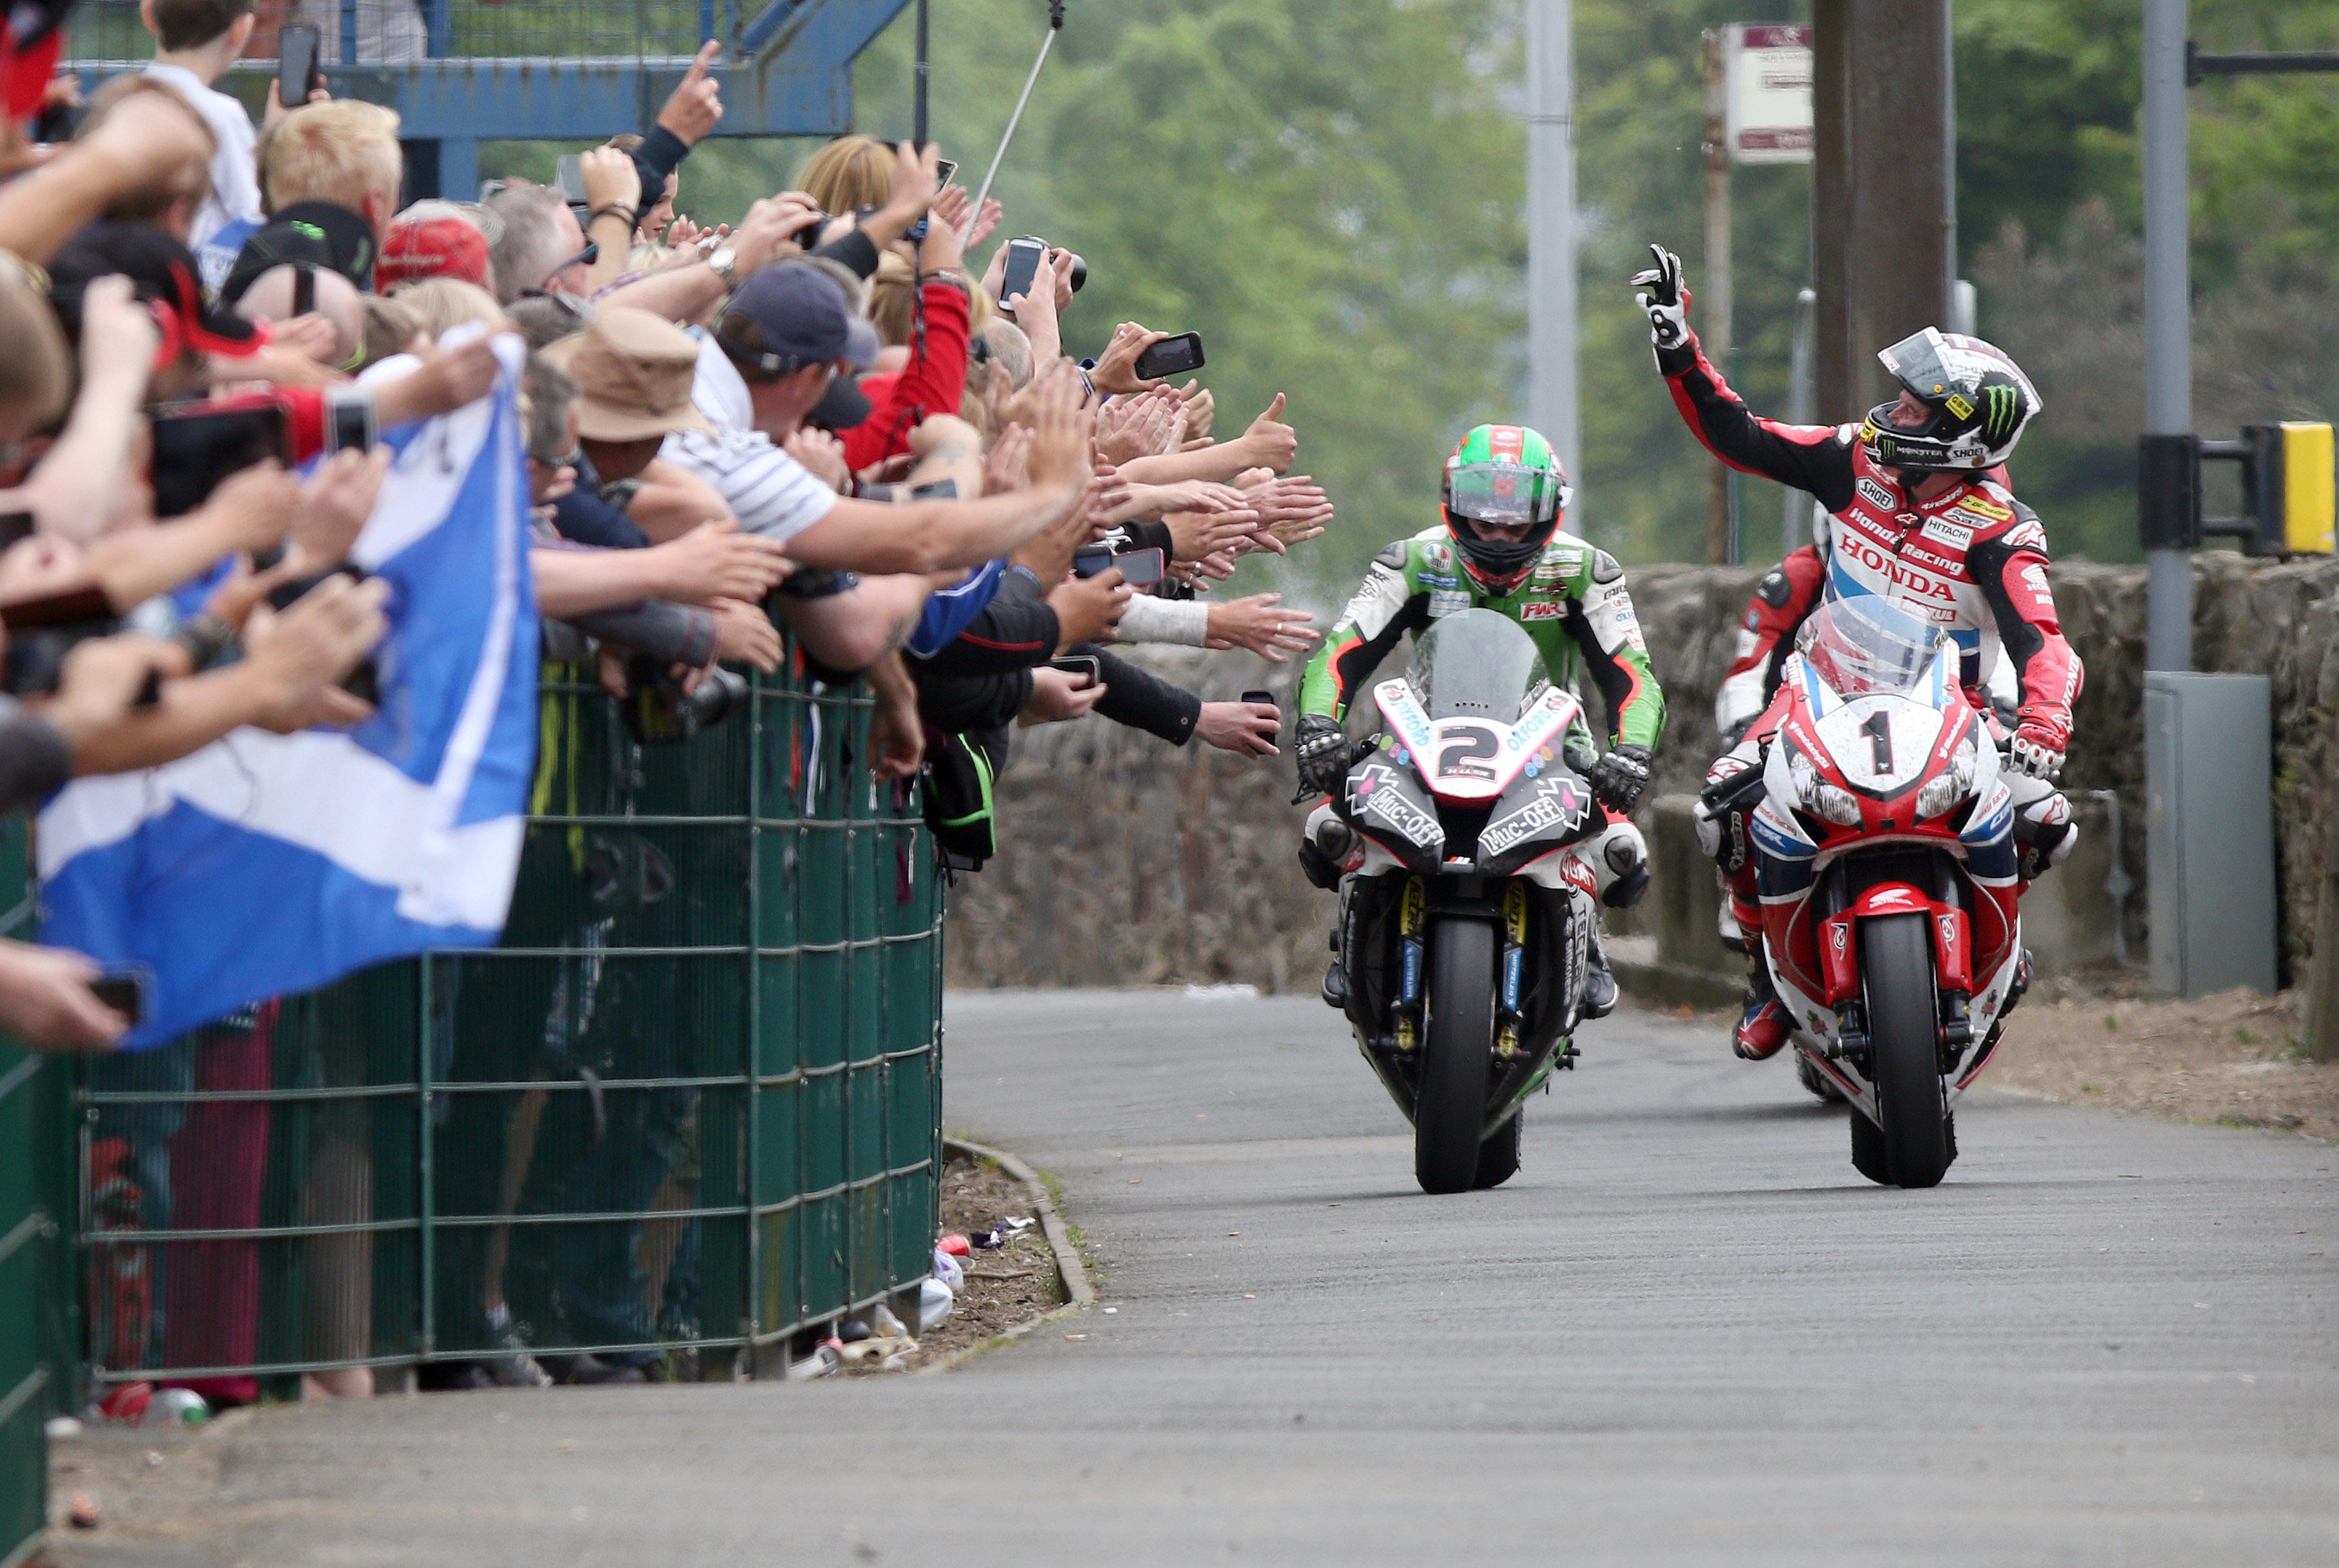 Record-breaker McGuinness chalks up TT win number 23